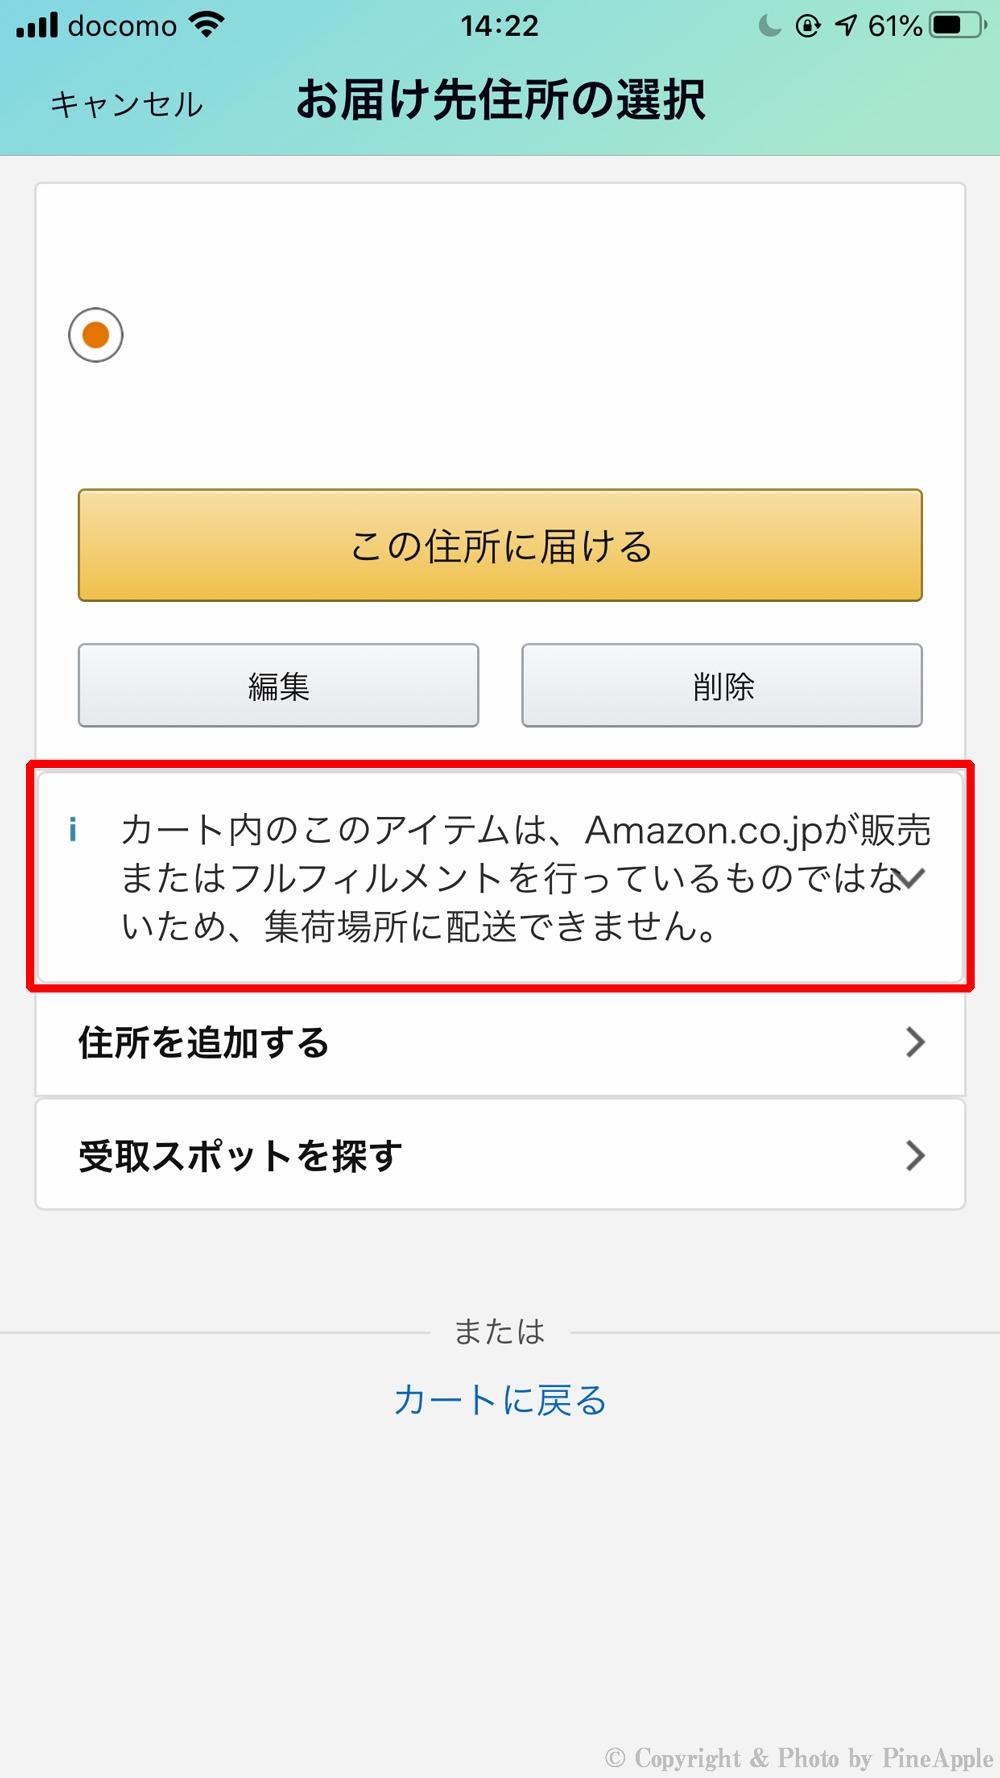 Amazon ショッピングアプリ:Amazon.co.jp やフルフィルメントを行なっていない業者では「受取スポット」の選択が行えません。